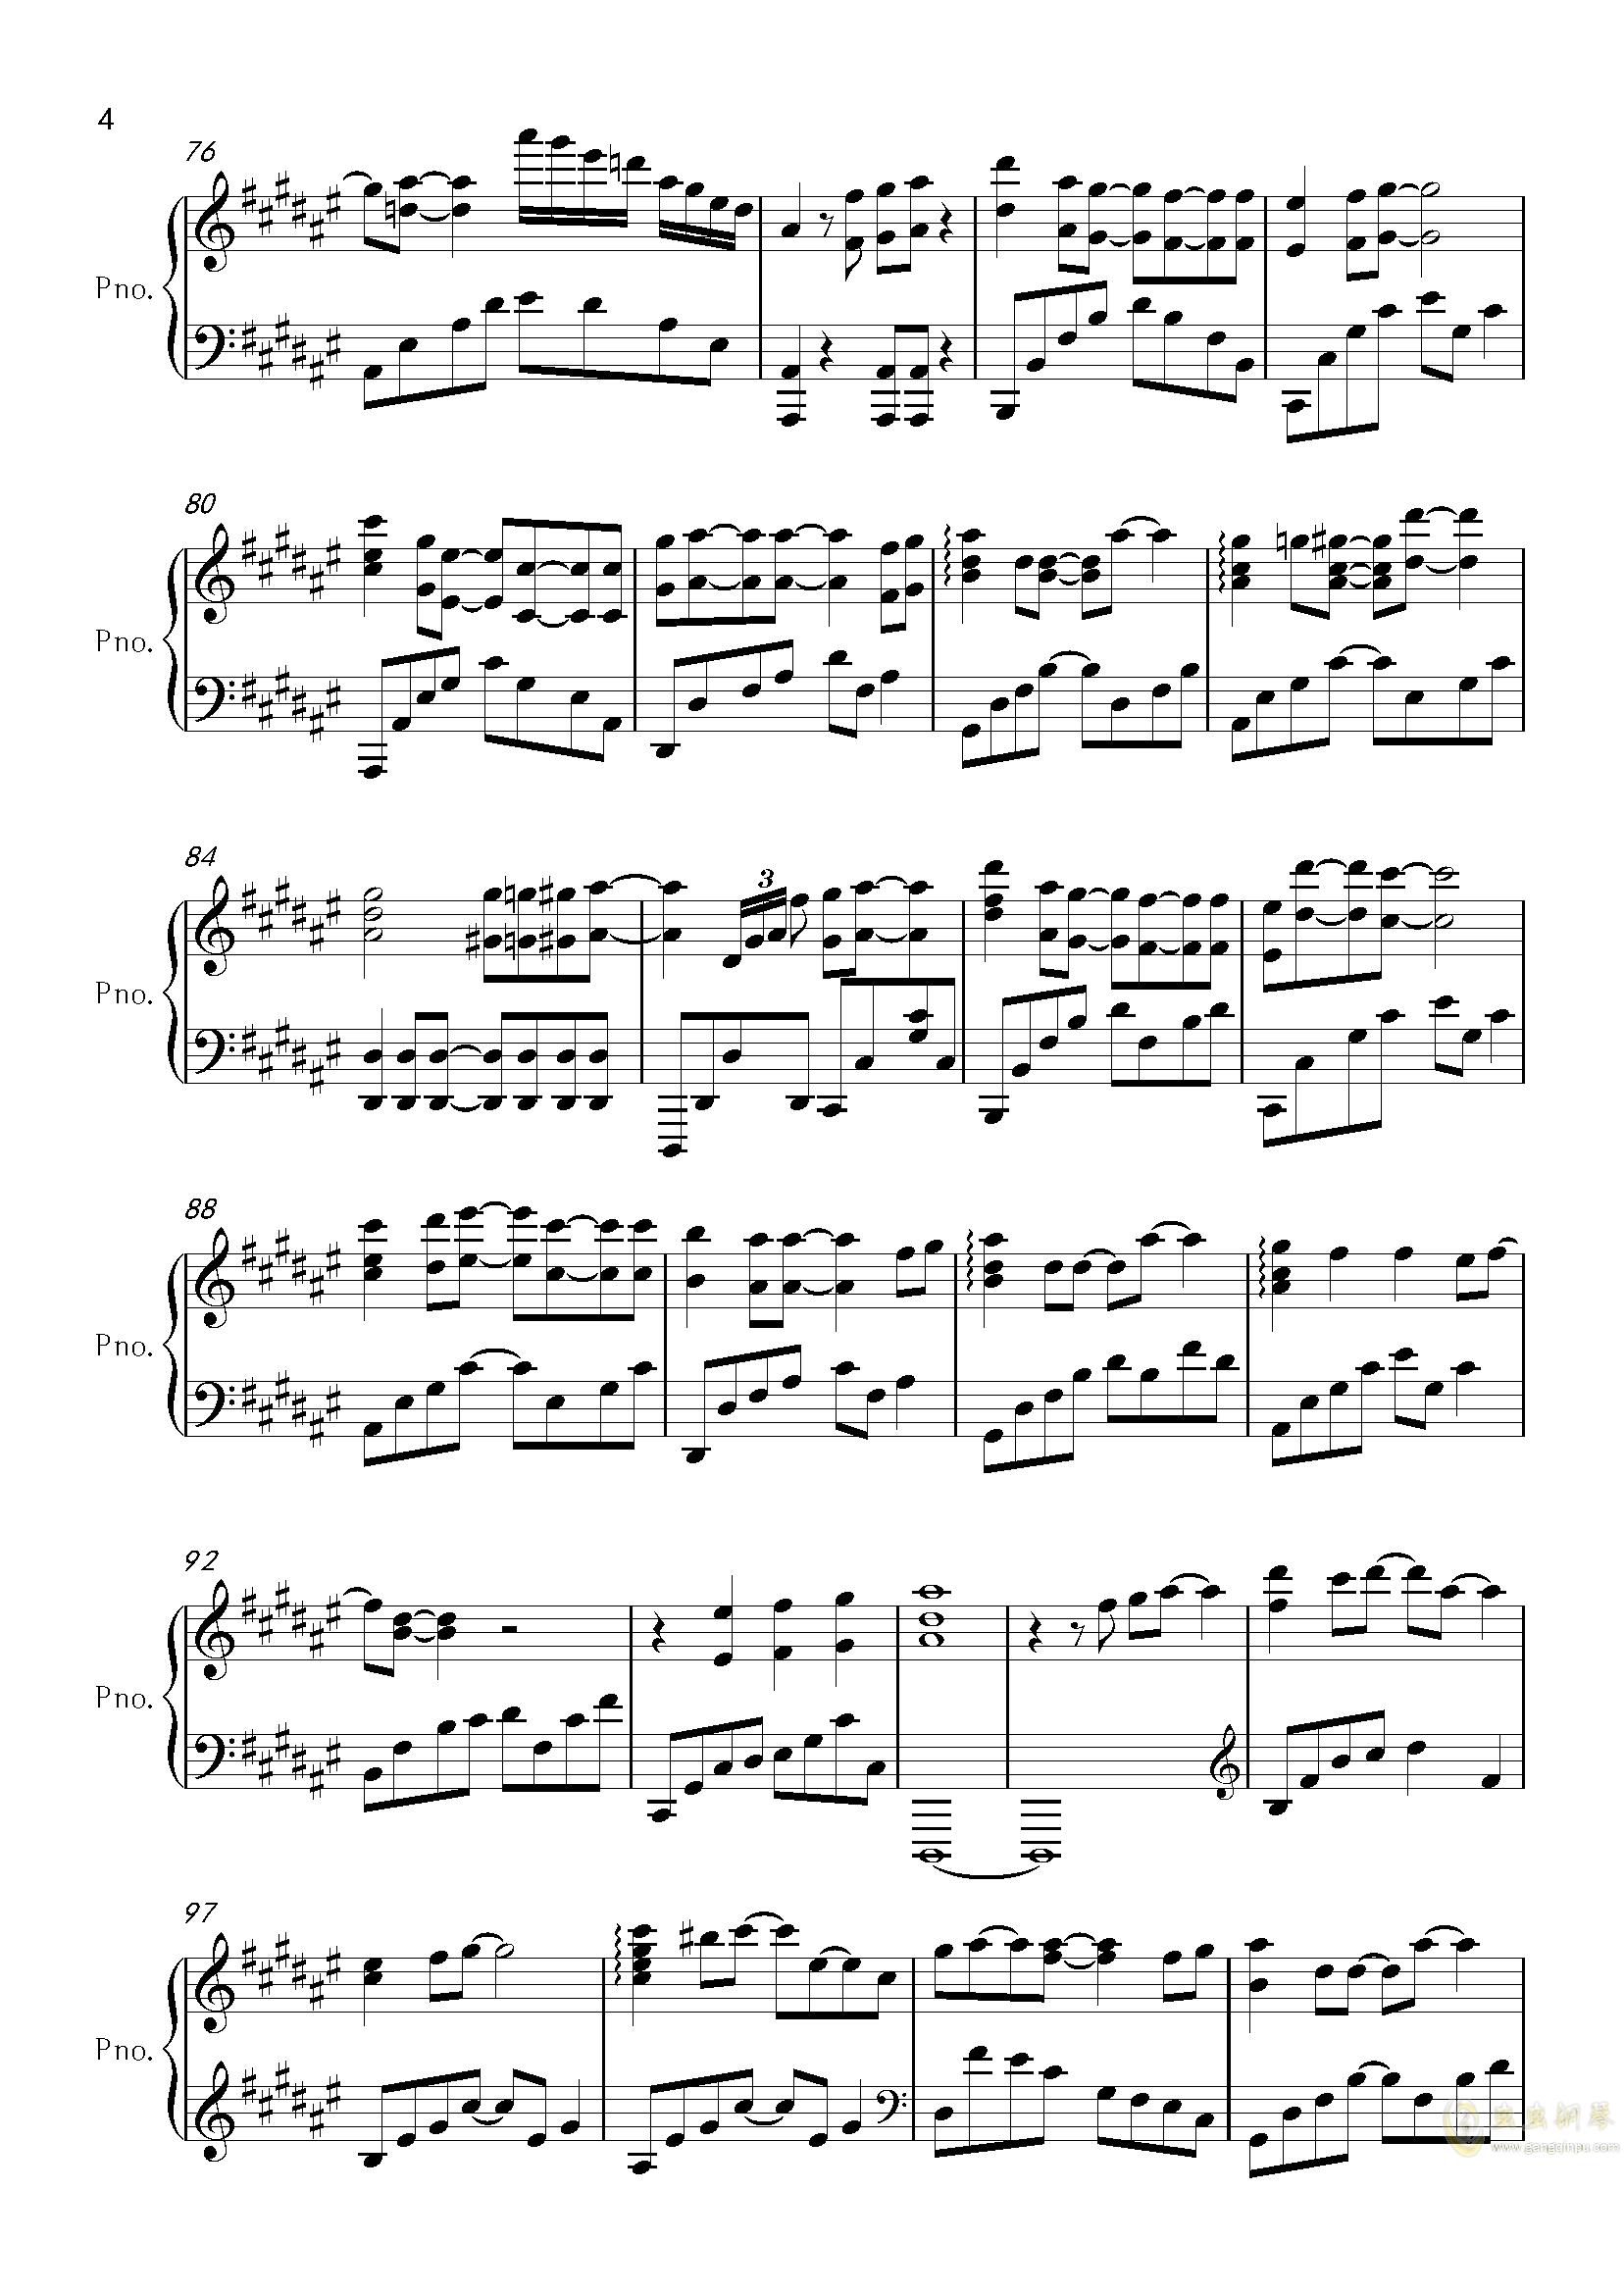 九万字钢琴谱 第4页